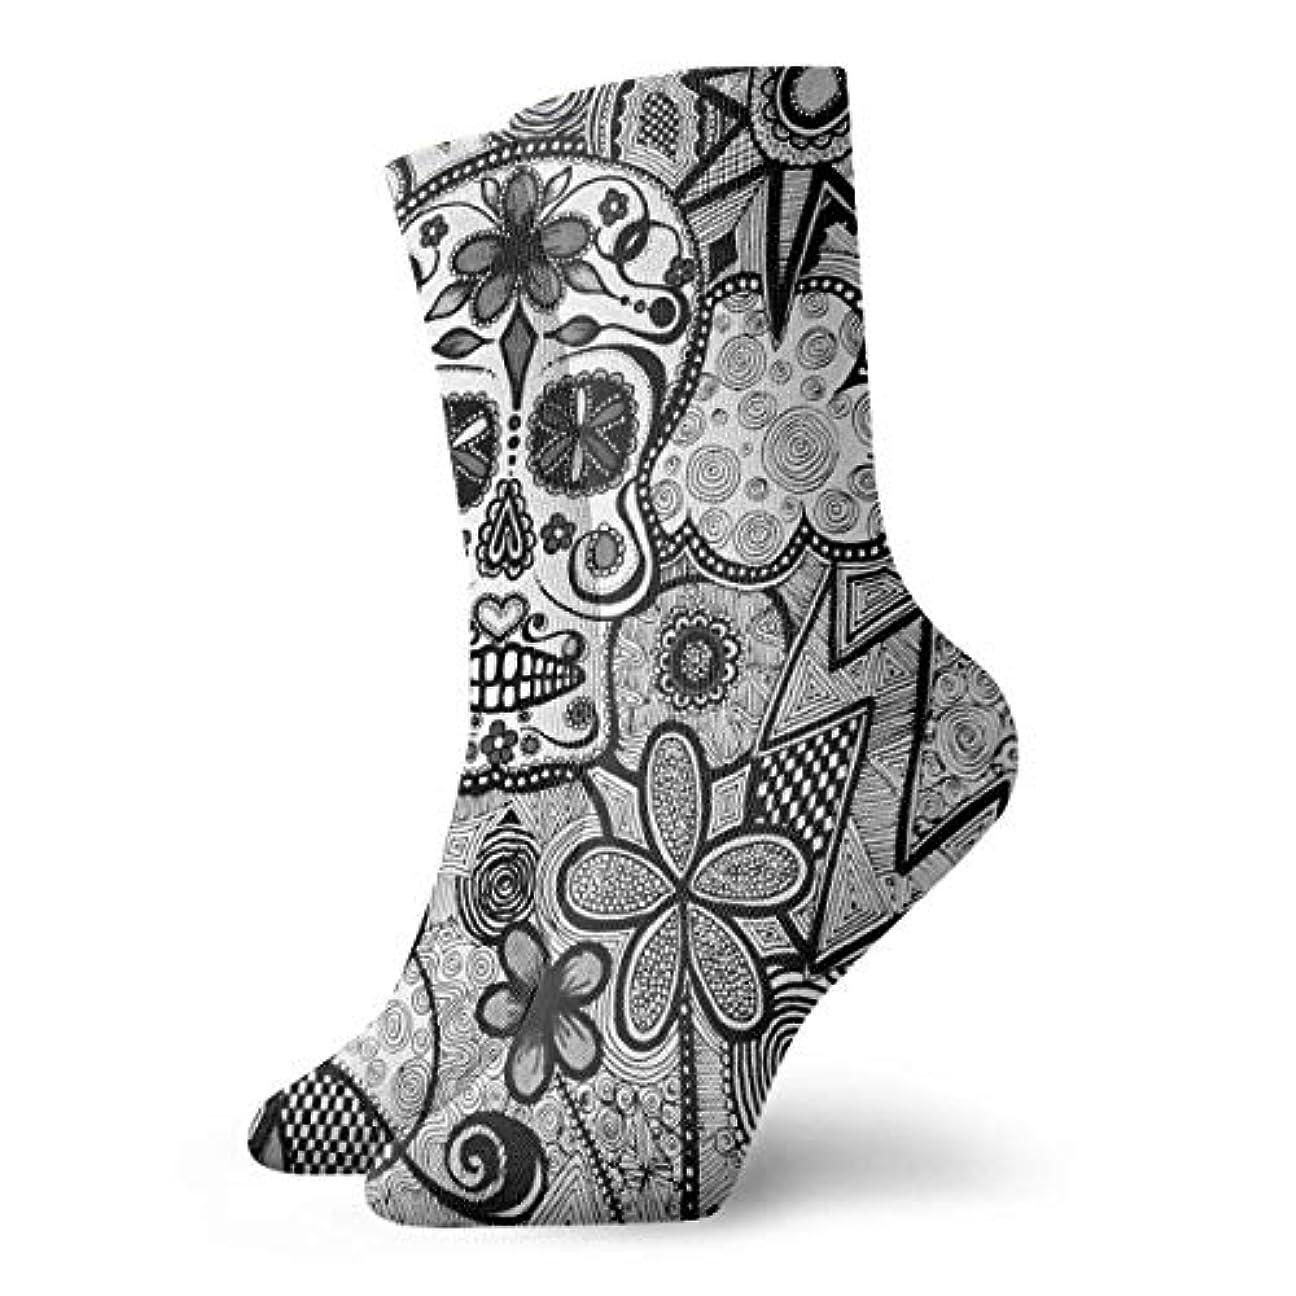 縫う局アフリカ人qrriyユニセックスカラフルドレスソックス、ブラックホワイト落書き頭蓋骨、冬ソフトコージー暖かい靴下かわいい面白いクルーコットンソックス1パック